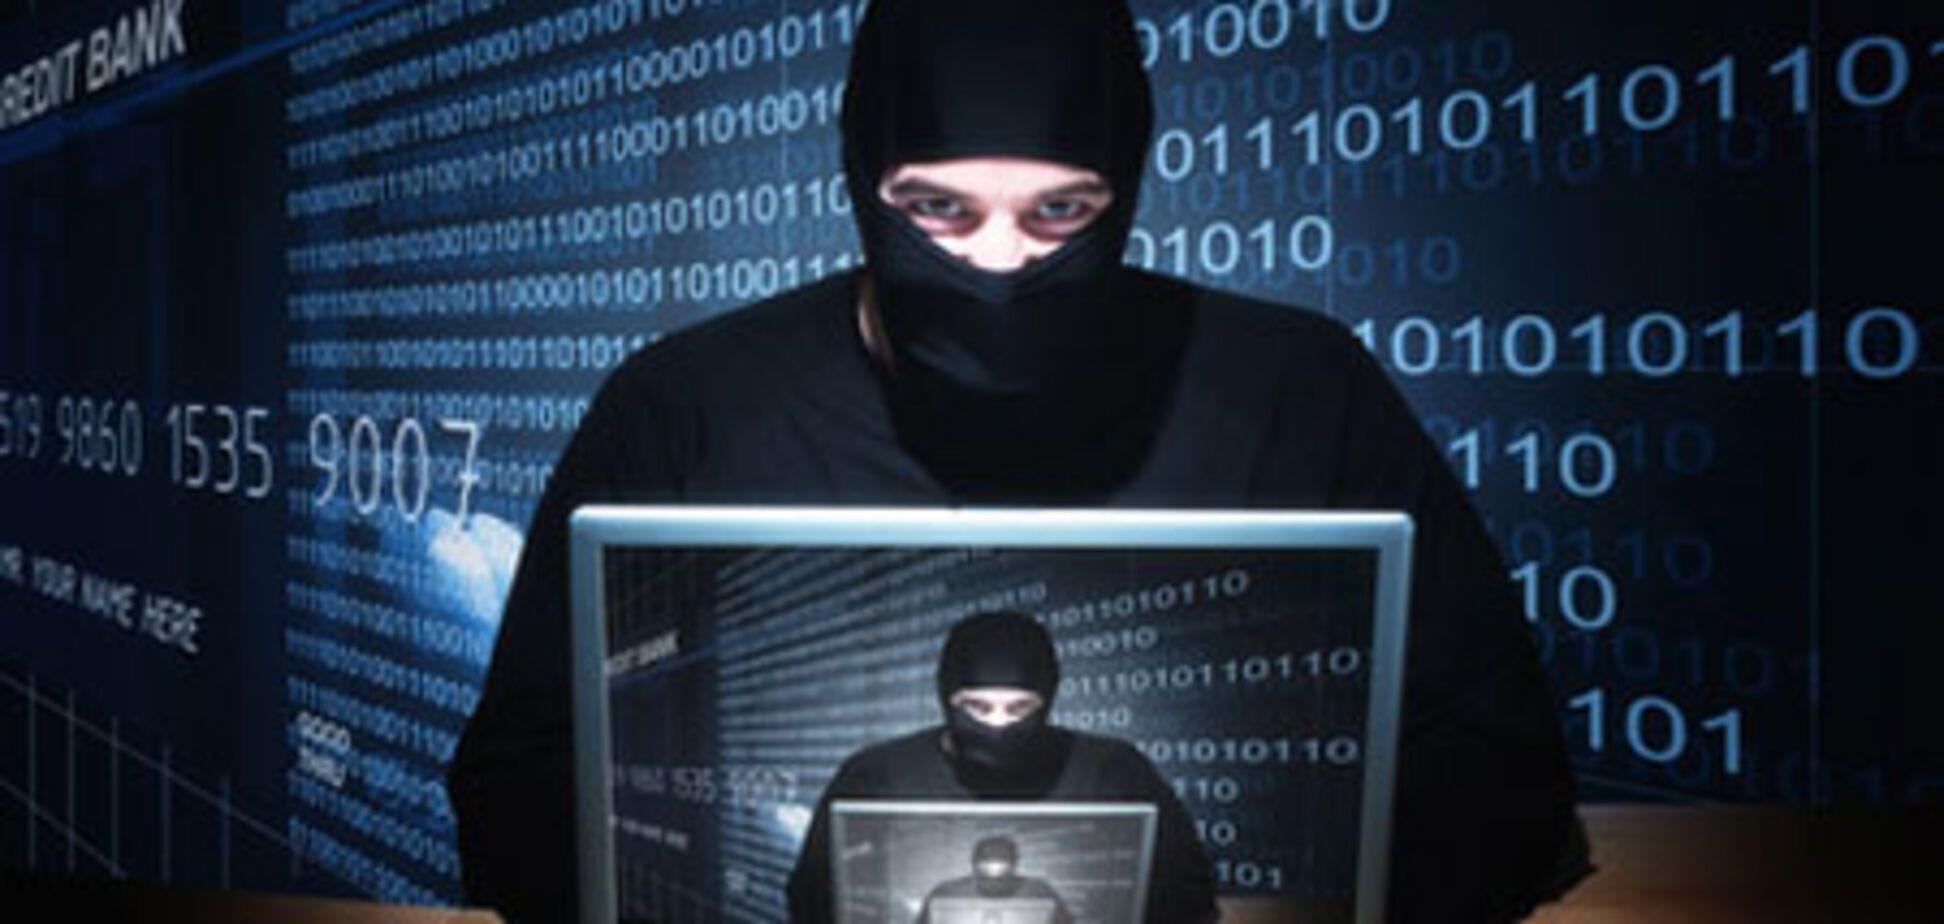 Почему украинские хакеры не атакуют сайт Путина: озвучено объяснение